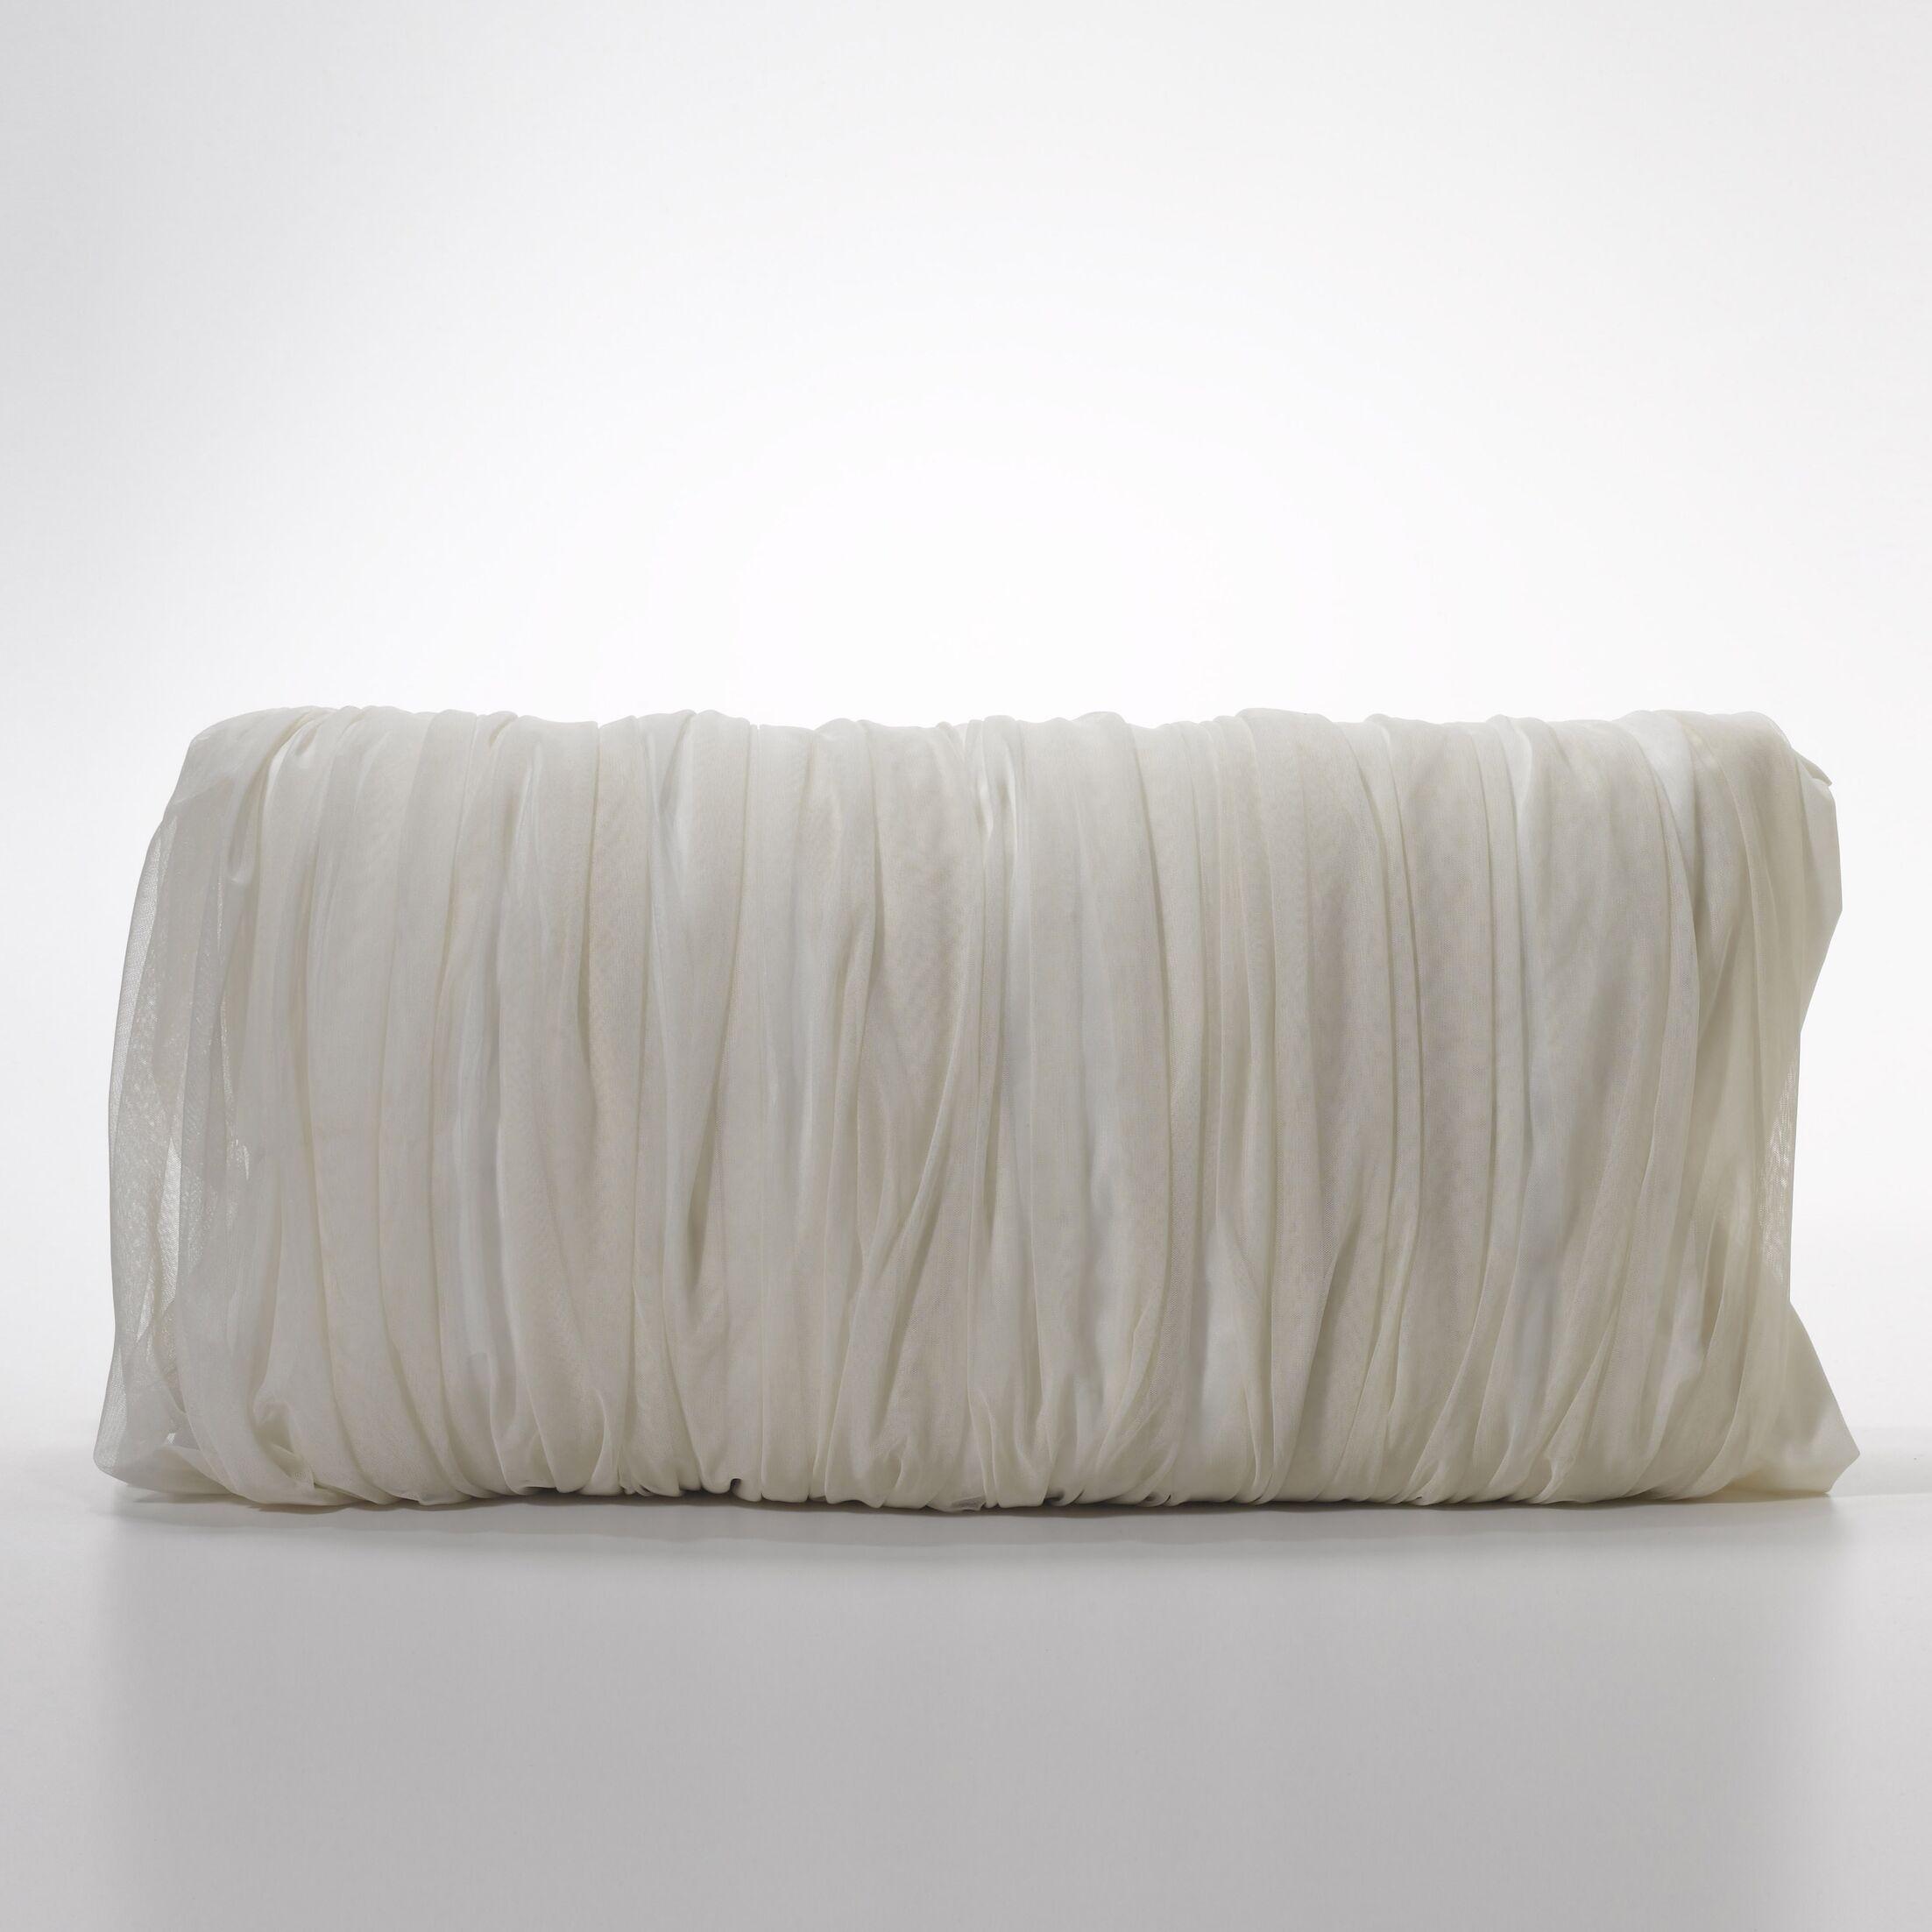 Weinman Decorative Lumbar Pillow